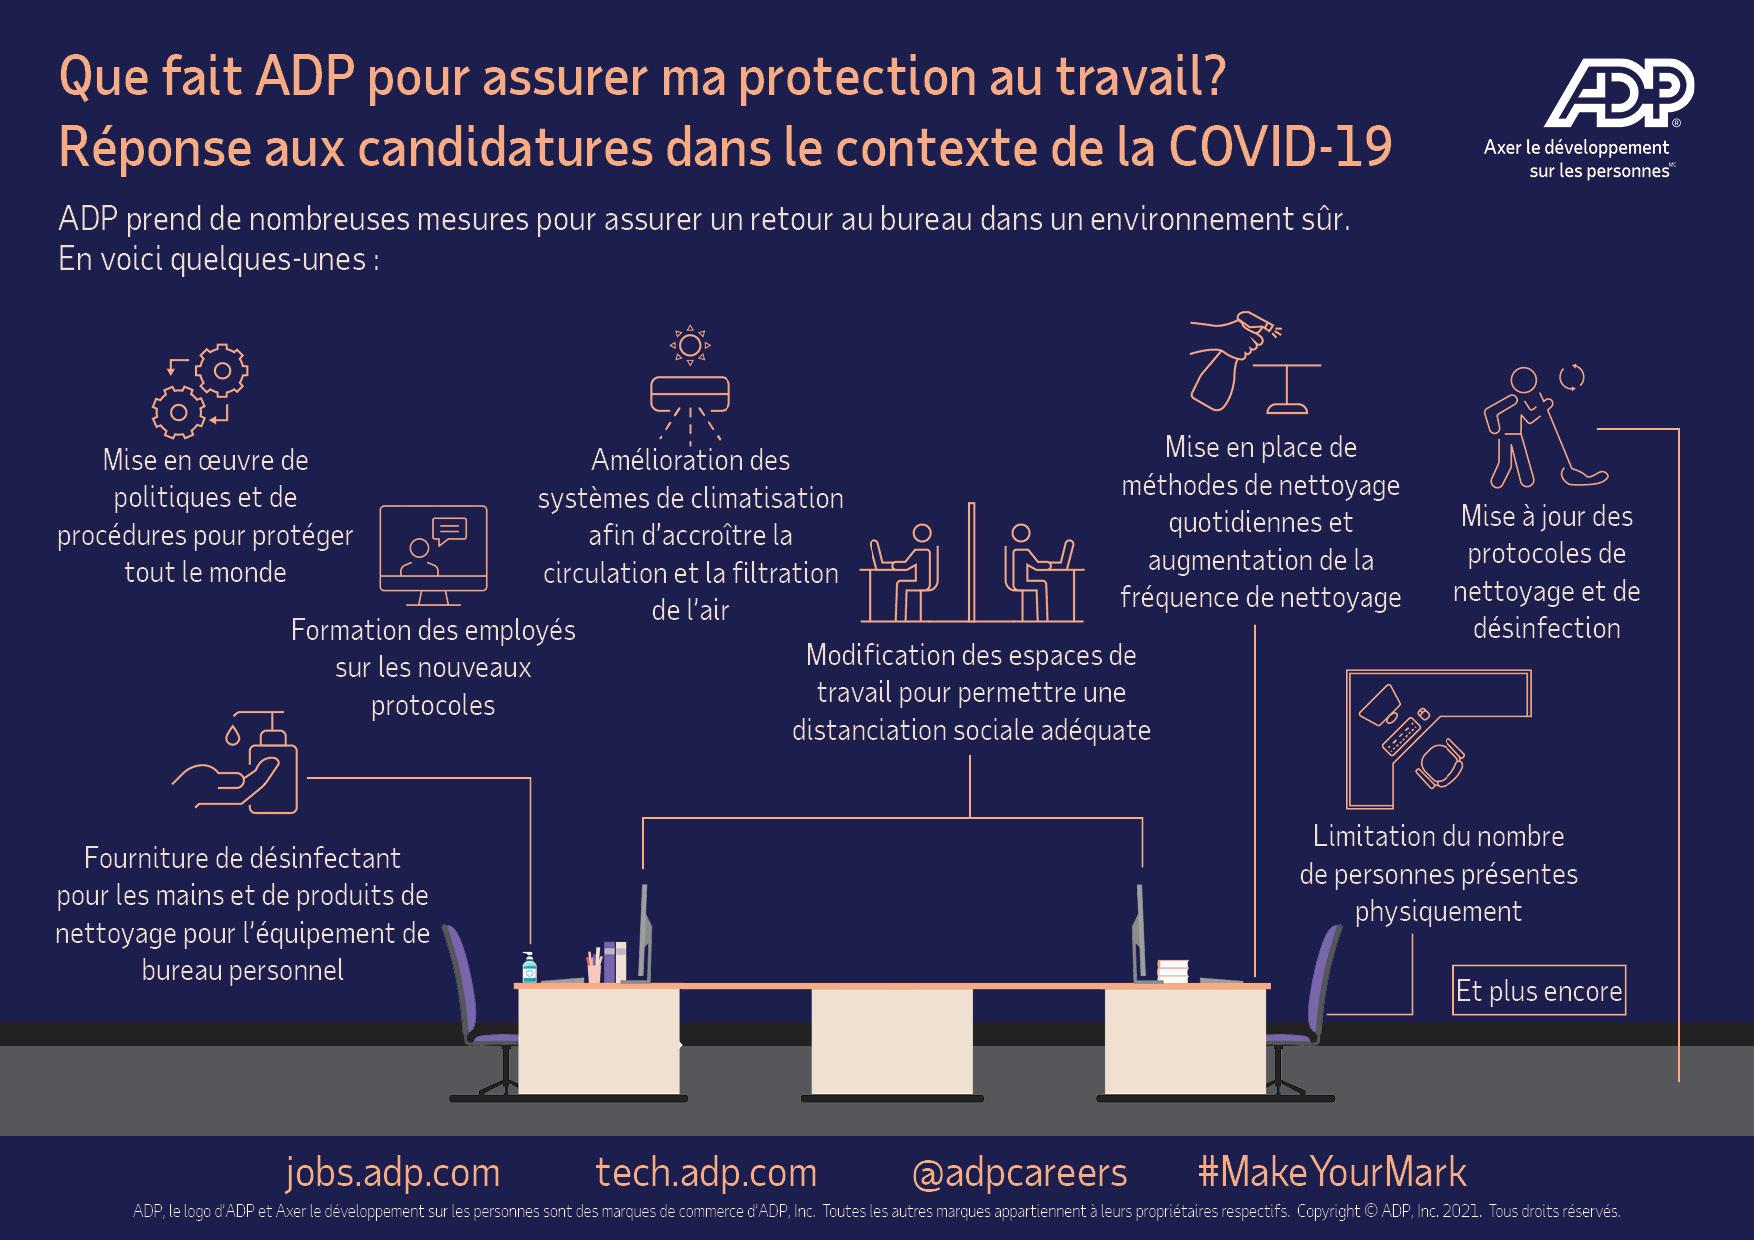 Infographic: Que fait ADP pour assurer ma protection au travail? Click Download PDF below for details.